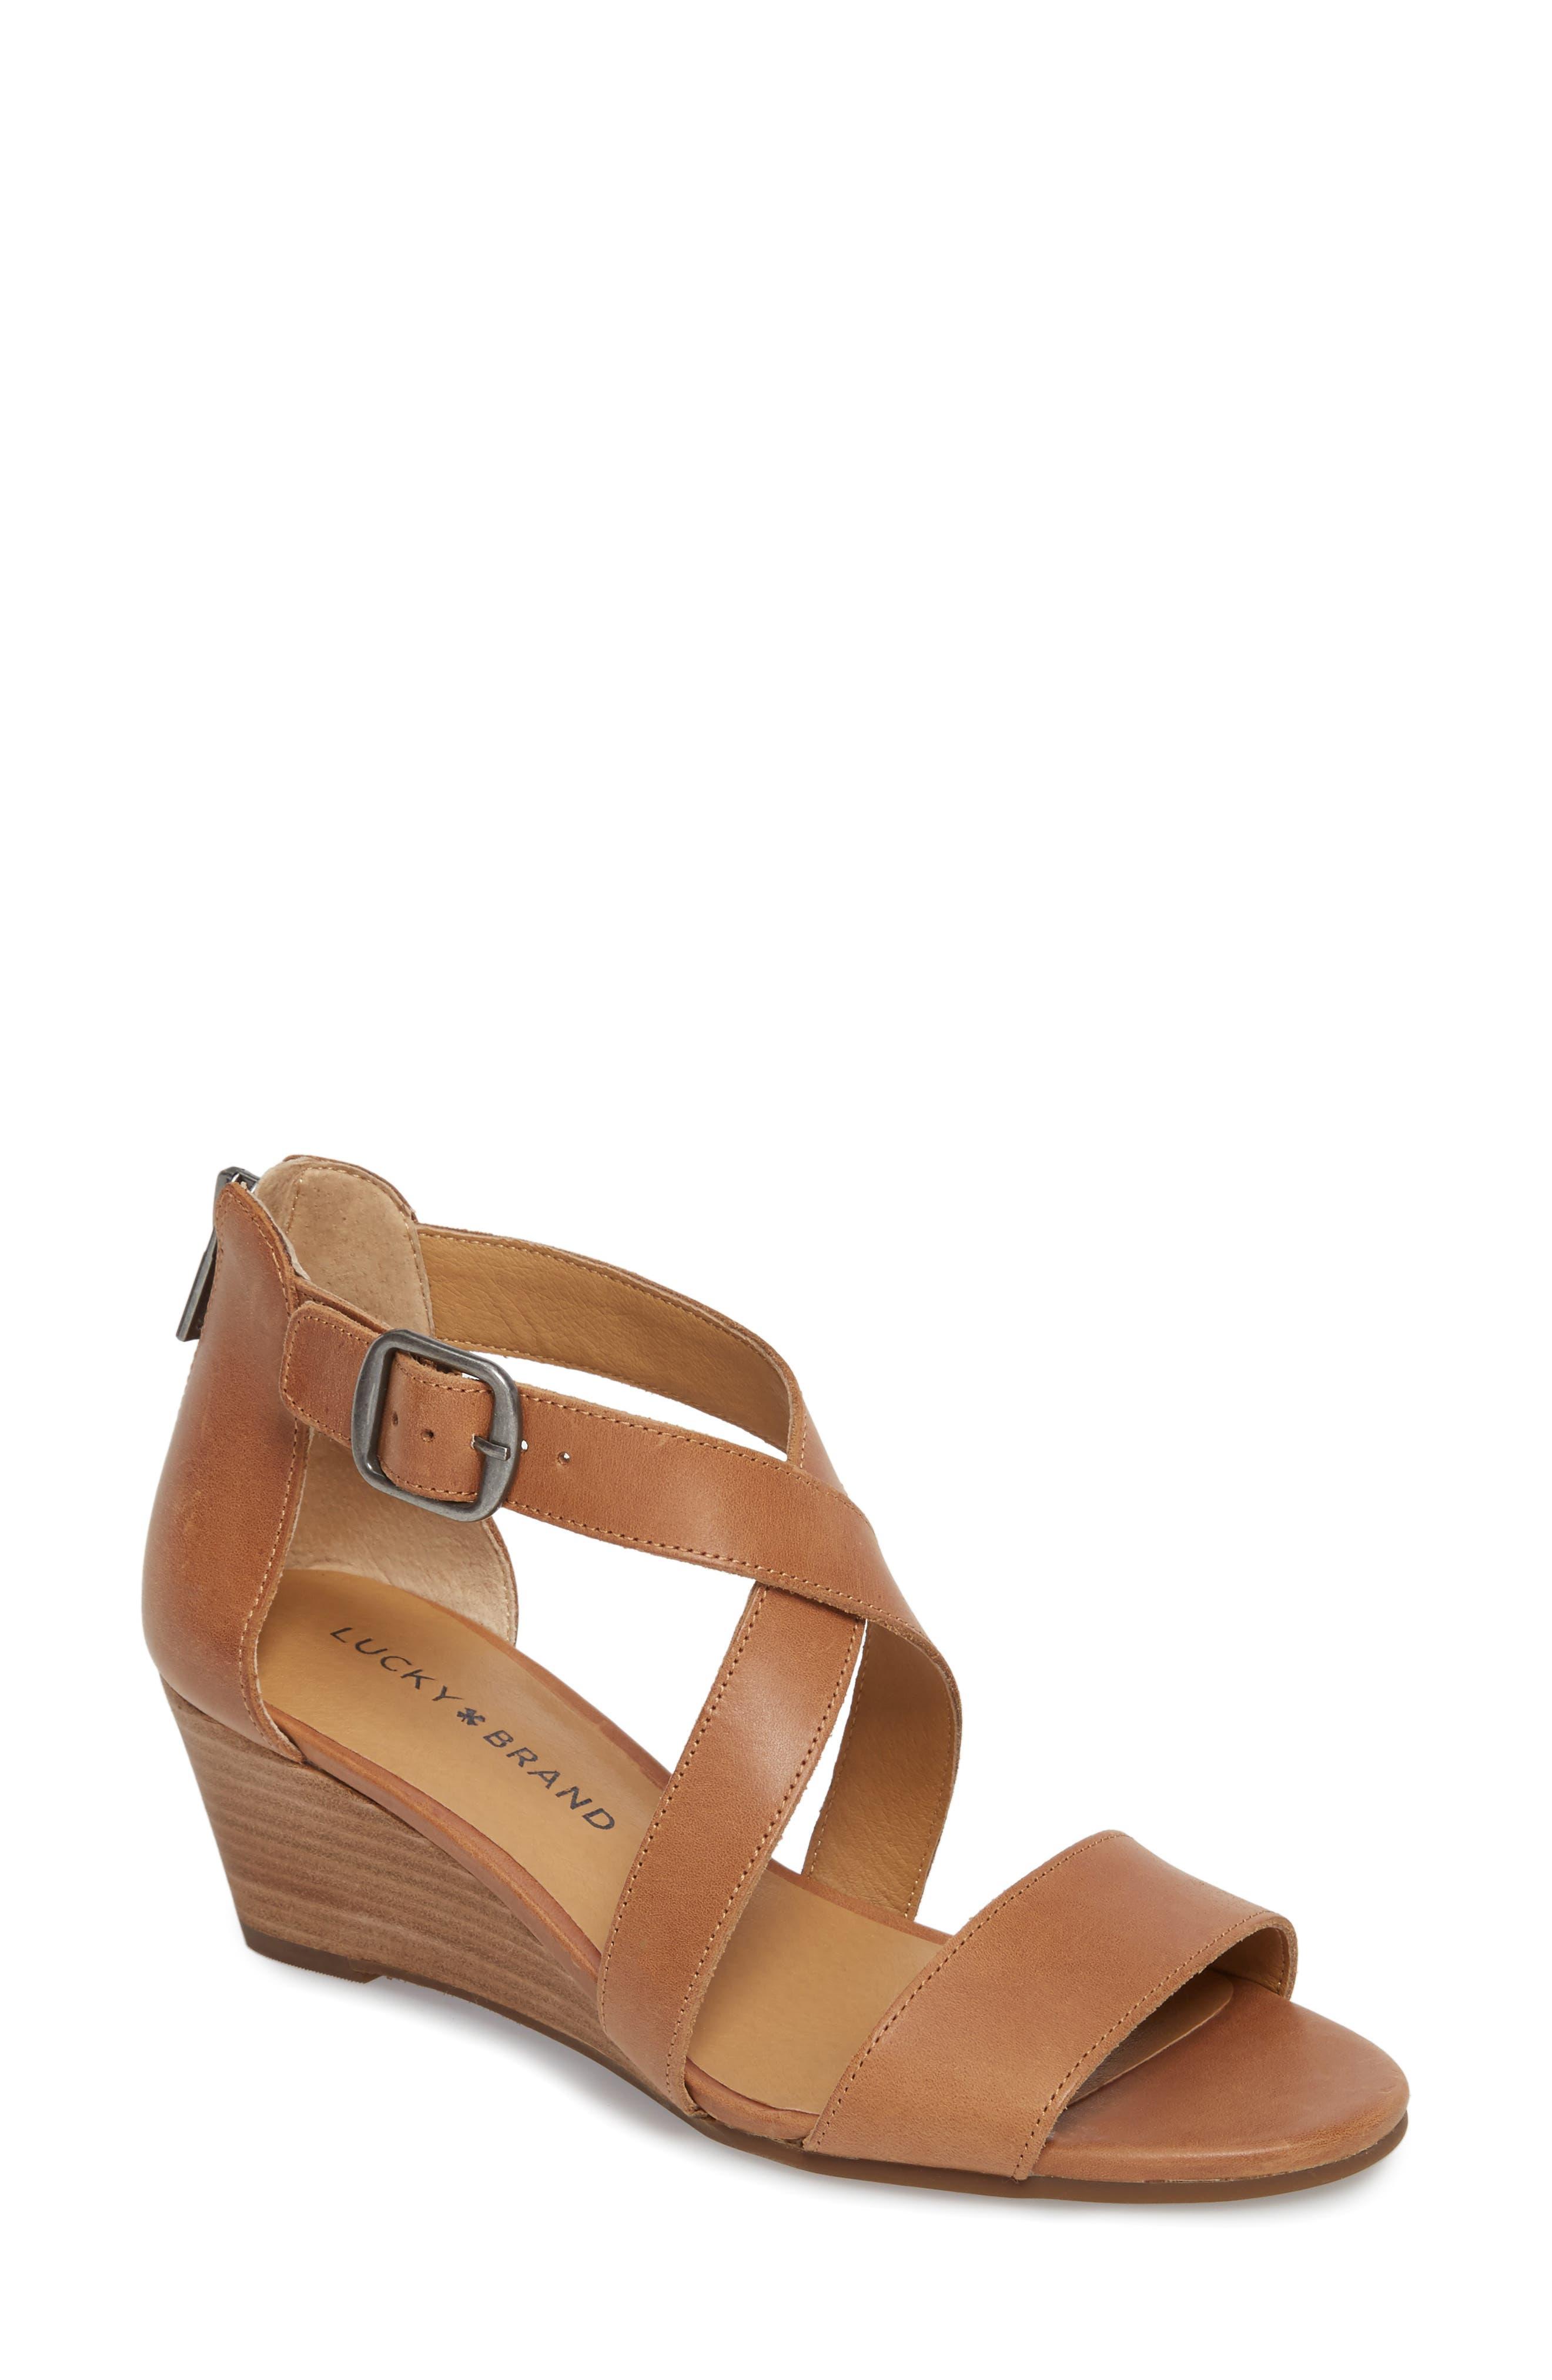 Lucky Brand Women's Jestah Wedge Sandal Ny4SrIK1r